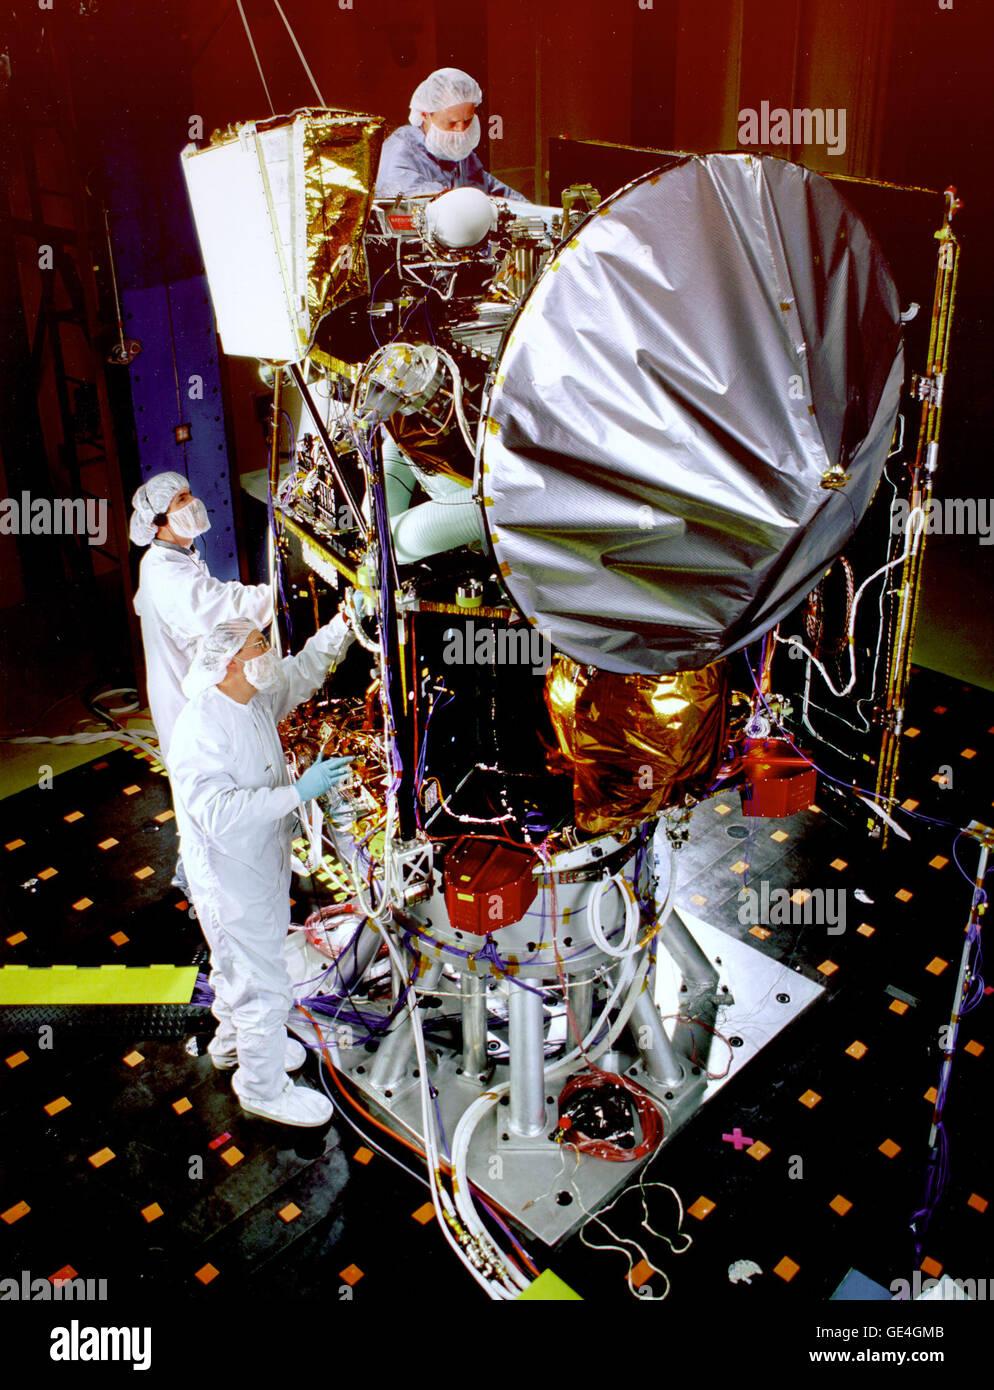 (27 mai 1998) Le 98 Mars Surveyor Orbiter climatique est montré ici au cours de tests acoustiques qui simulent Photo Stock